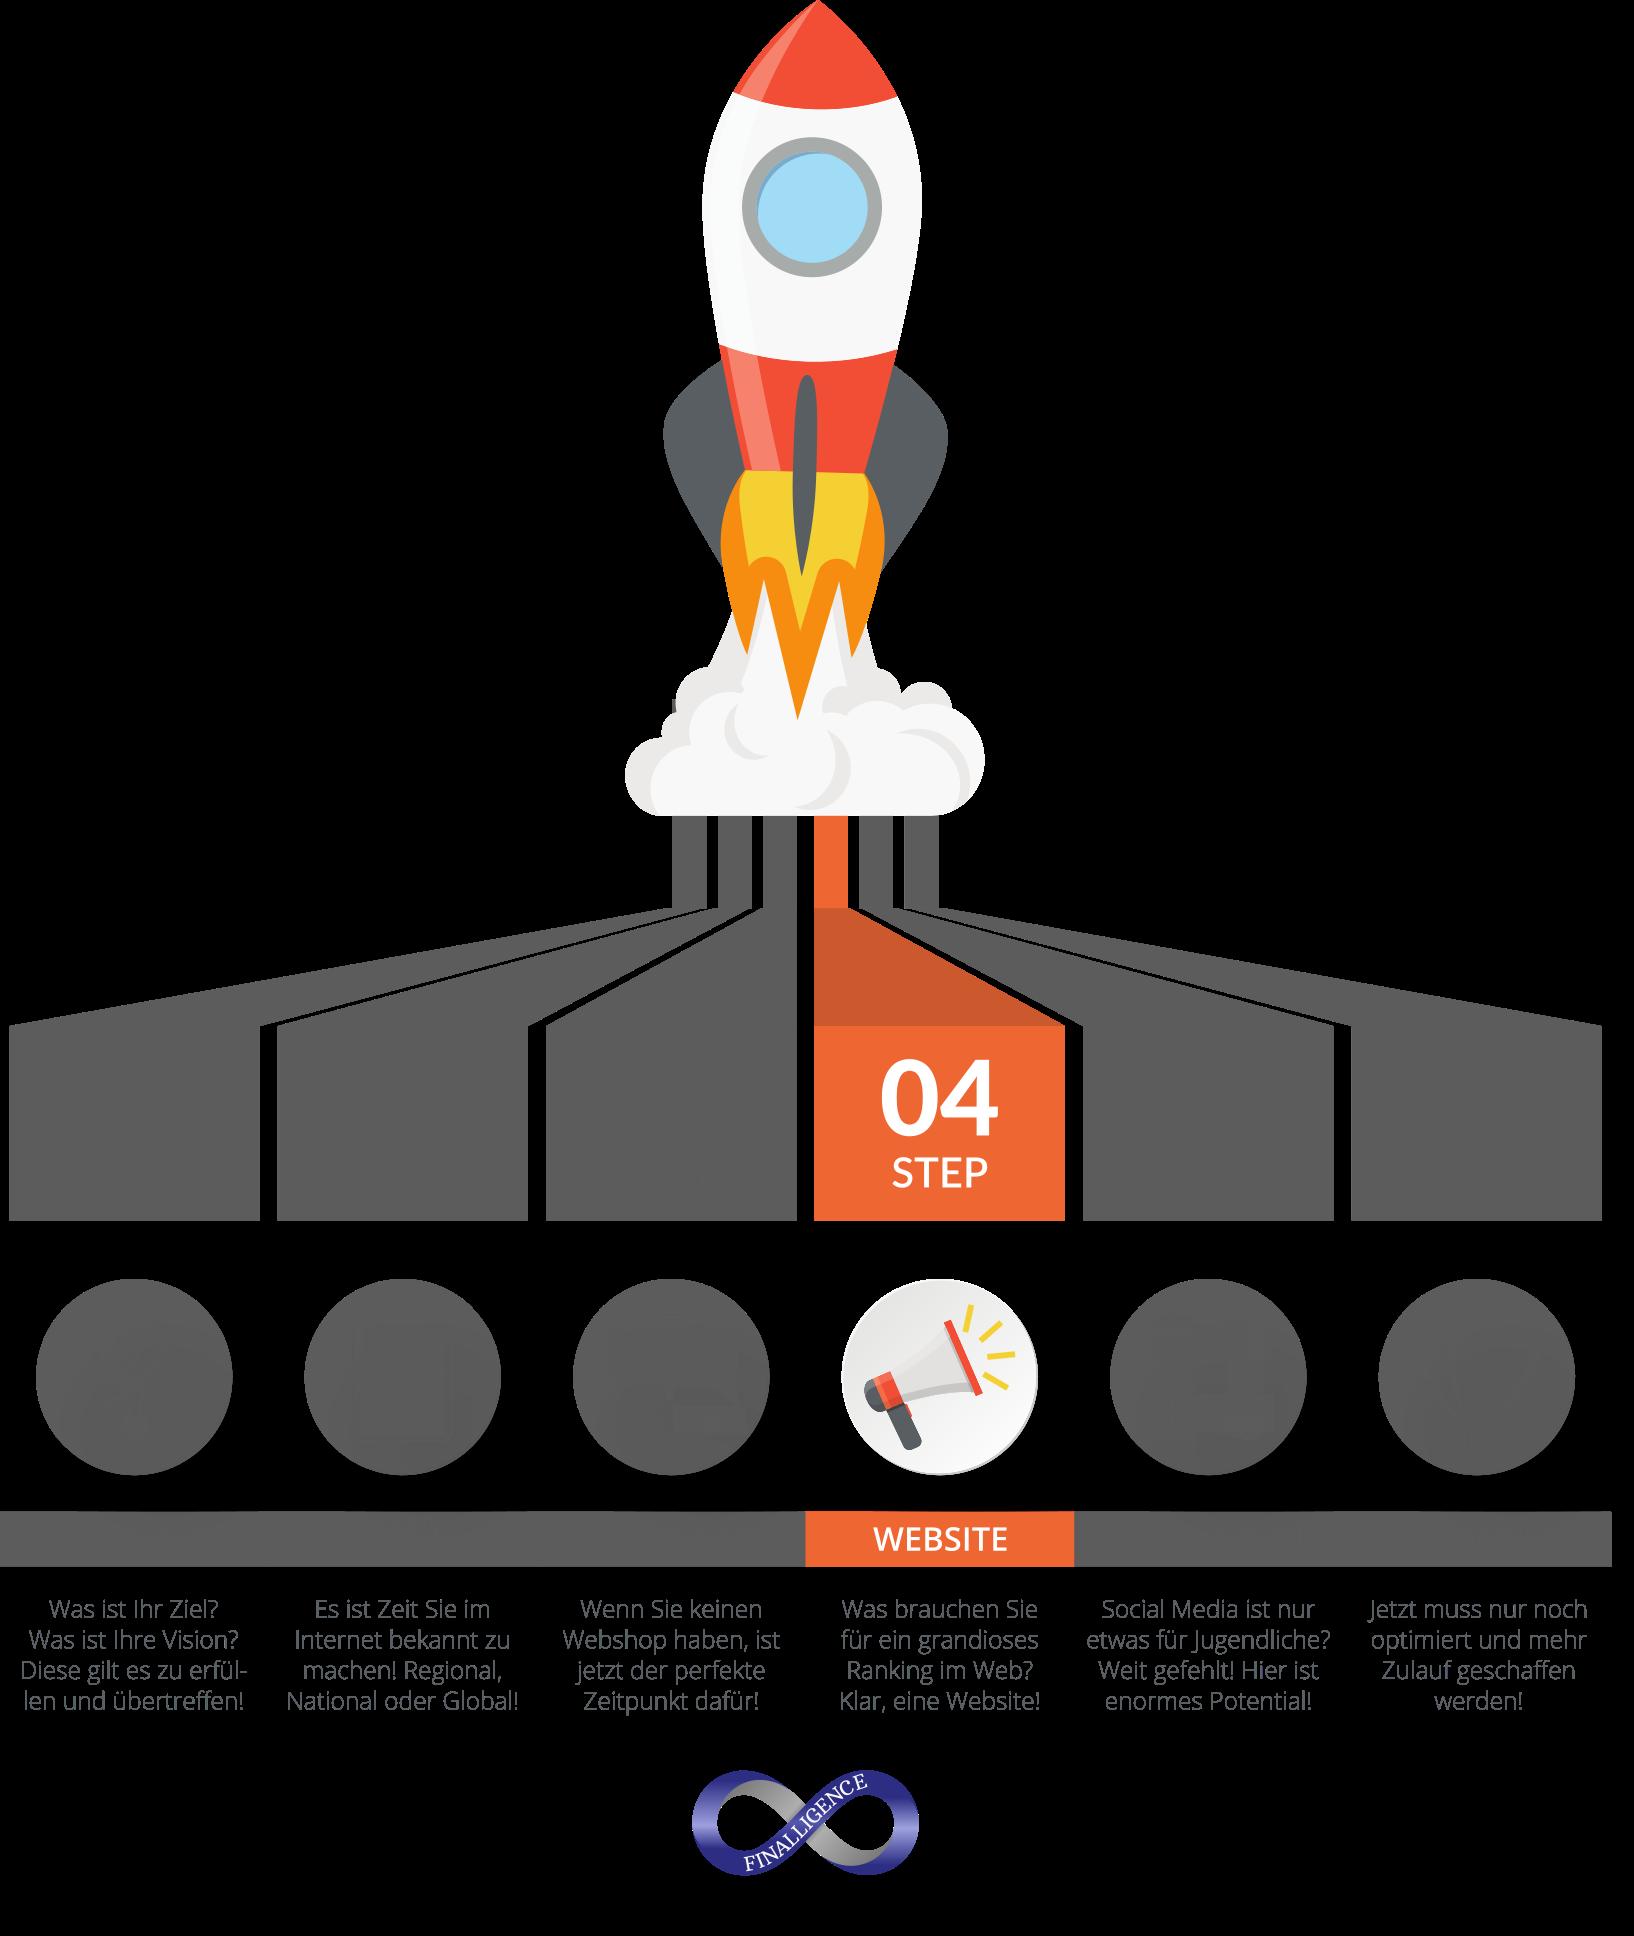 Online Auftritt Rakete für sichtbaren Erfolg - Step04 | Finalligence